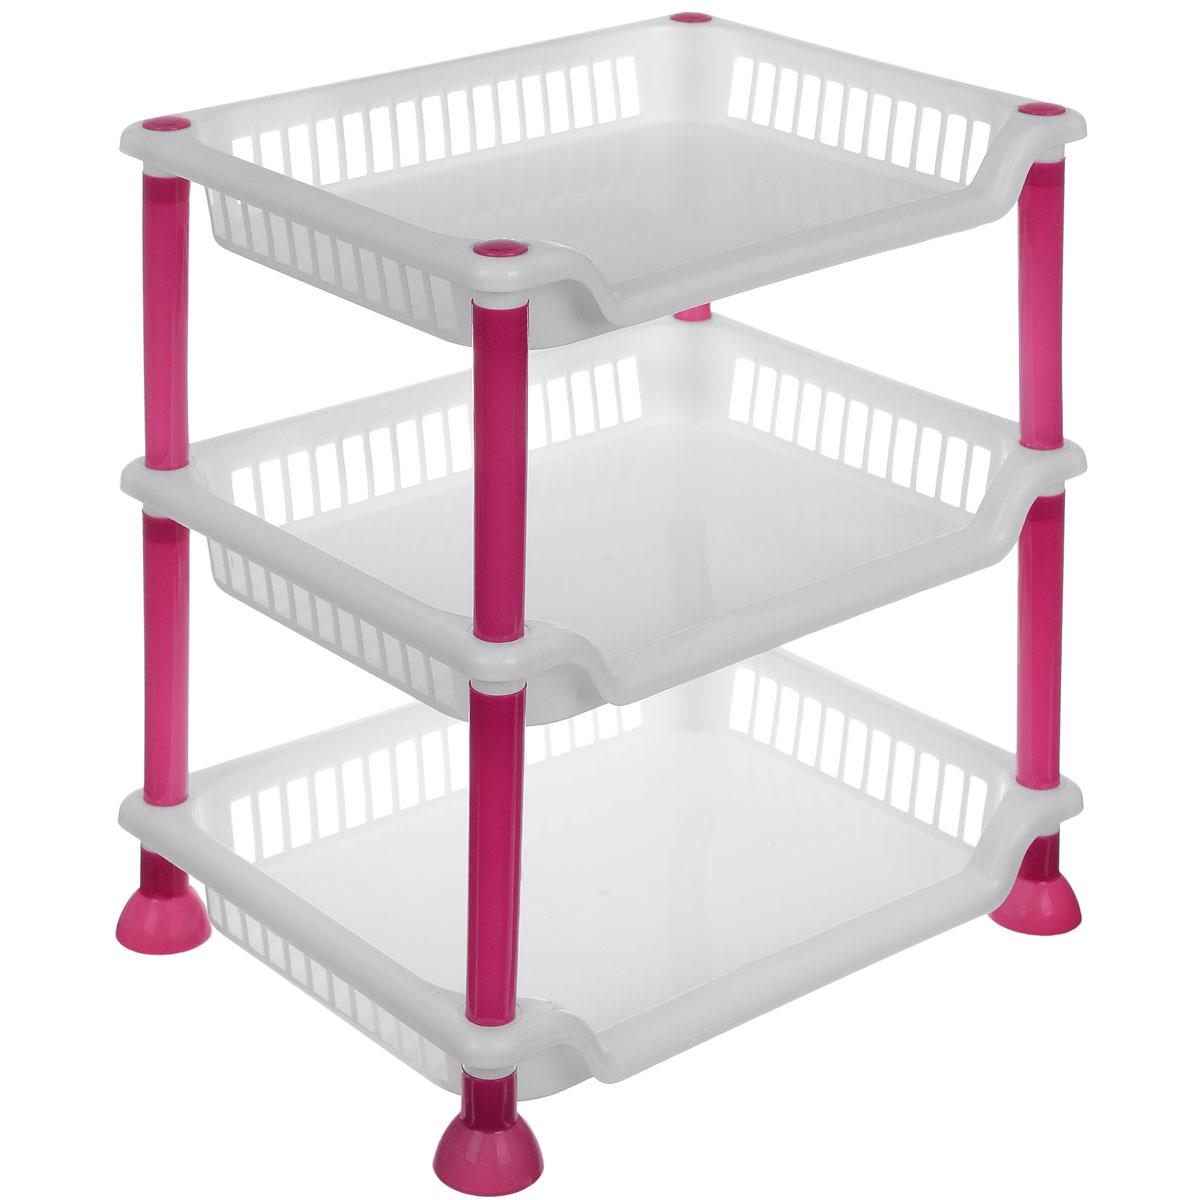 Этажерка Sima-land, 3-секционная, цвет: белый, малиновый, 29 х 21,5 х 33 см799887_белый, малиновыйЭтажерка Sima-land выполнена из высококачественного прочного пластика и предназначена для хранения различных предметов. Изделие имеет 3 полки прямоугольной формы. В ванной комнате вы можете использовать этажерку для хранения шампуней, гелей, жидкого мыла, стиральных порошков, полотенец. Ручной инструмент и детали в вашем гараже всегда будут под рукой. Удобно ставить банки с краской, бутылки с растворителем. В гостиной этажерка позволит удобно хранить под рукой книги, журналы, газеты. С помощью этажерки также легко навести порядок в детской, она позволит удобно и компактно хранить игрушки, письменные принадлежности и учебники. Этажерка - это идеальное решение для любого помещения. Она поможет поддерживать чистоту, компактно организовать пространство и хранить вещи в порядке, а стильный дизайн сделает этажерку ярким украшением интерьера. Размер этажерки: 29 х 21,5 х 33 см. Размер полки: 29 х 21,5 х 4,5 см.